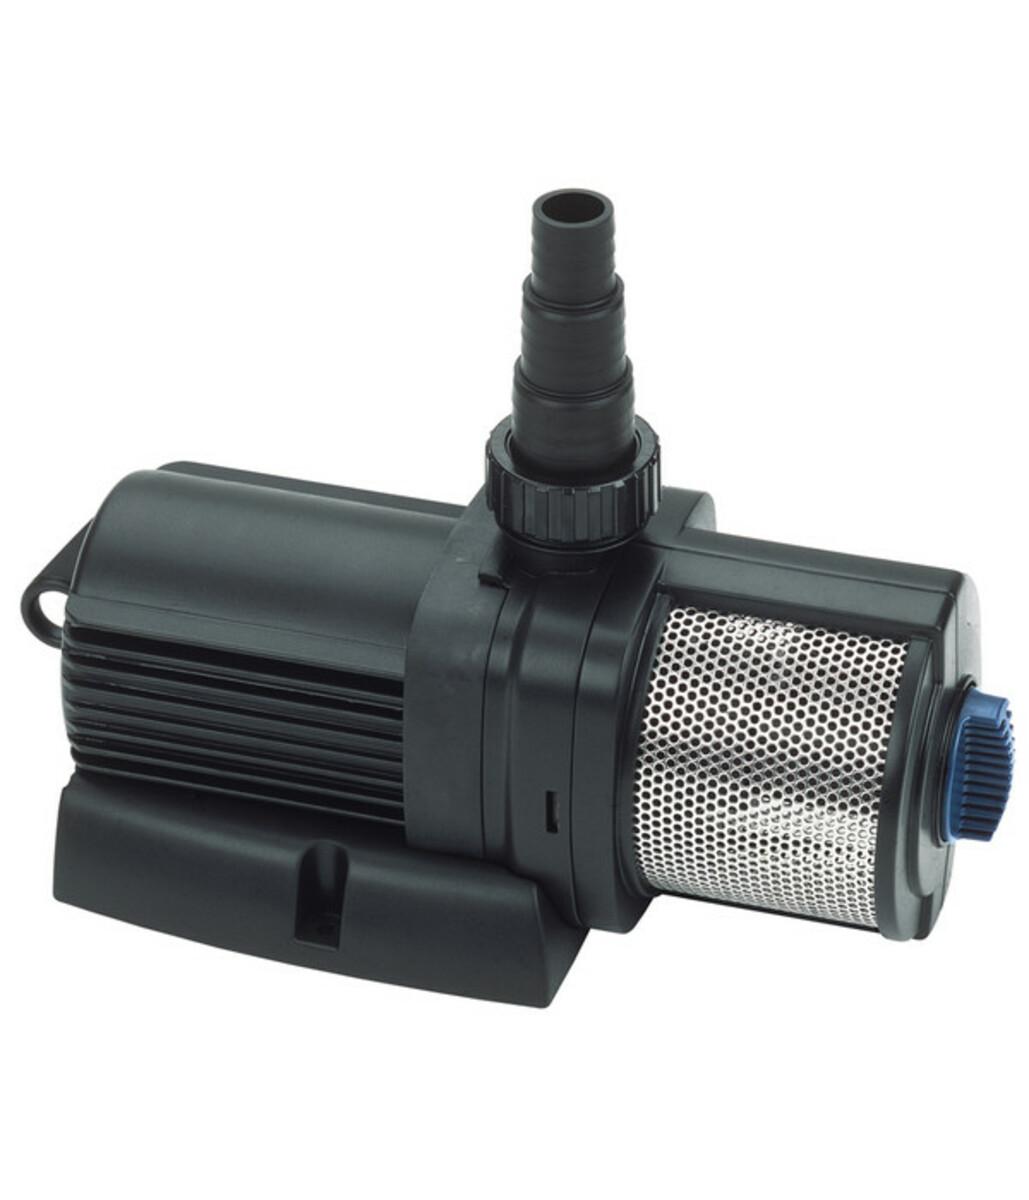 Bild 3 von Oase Pumpe Aquarius Universal Premium 9000